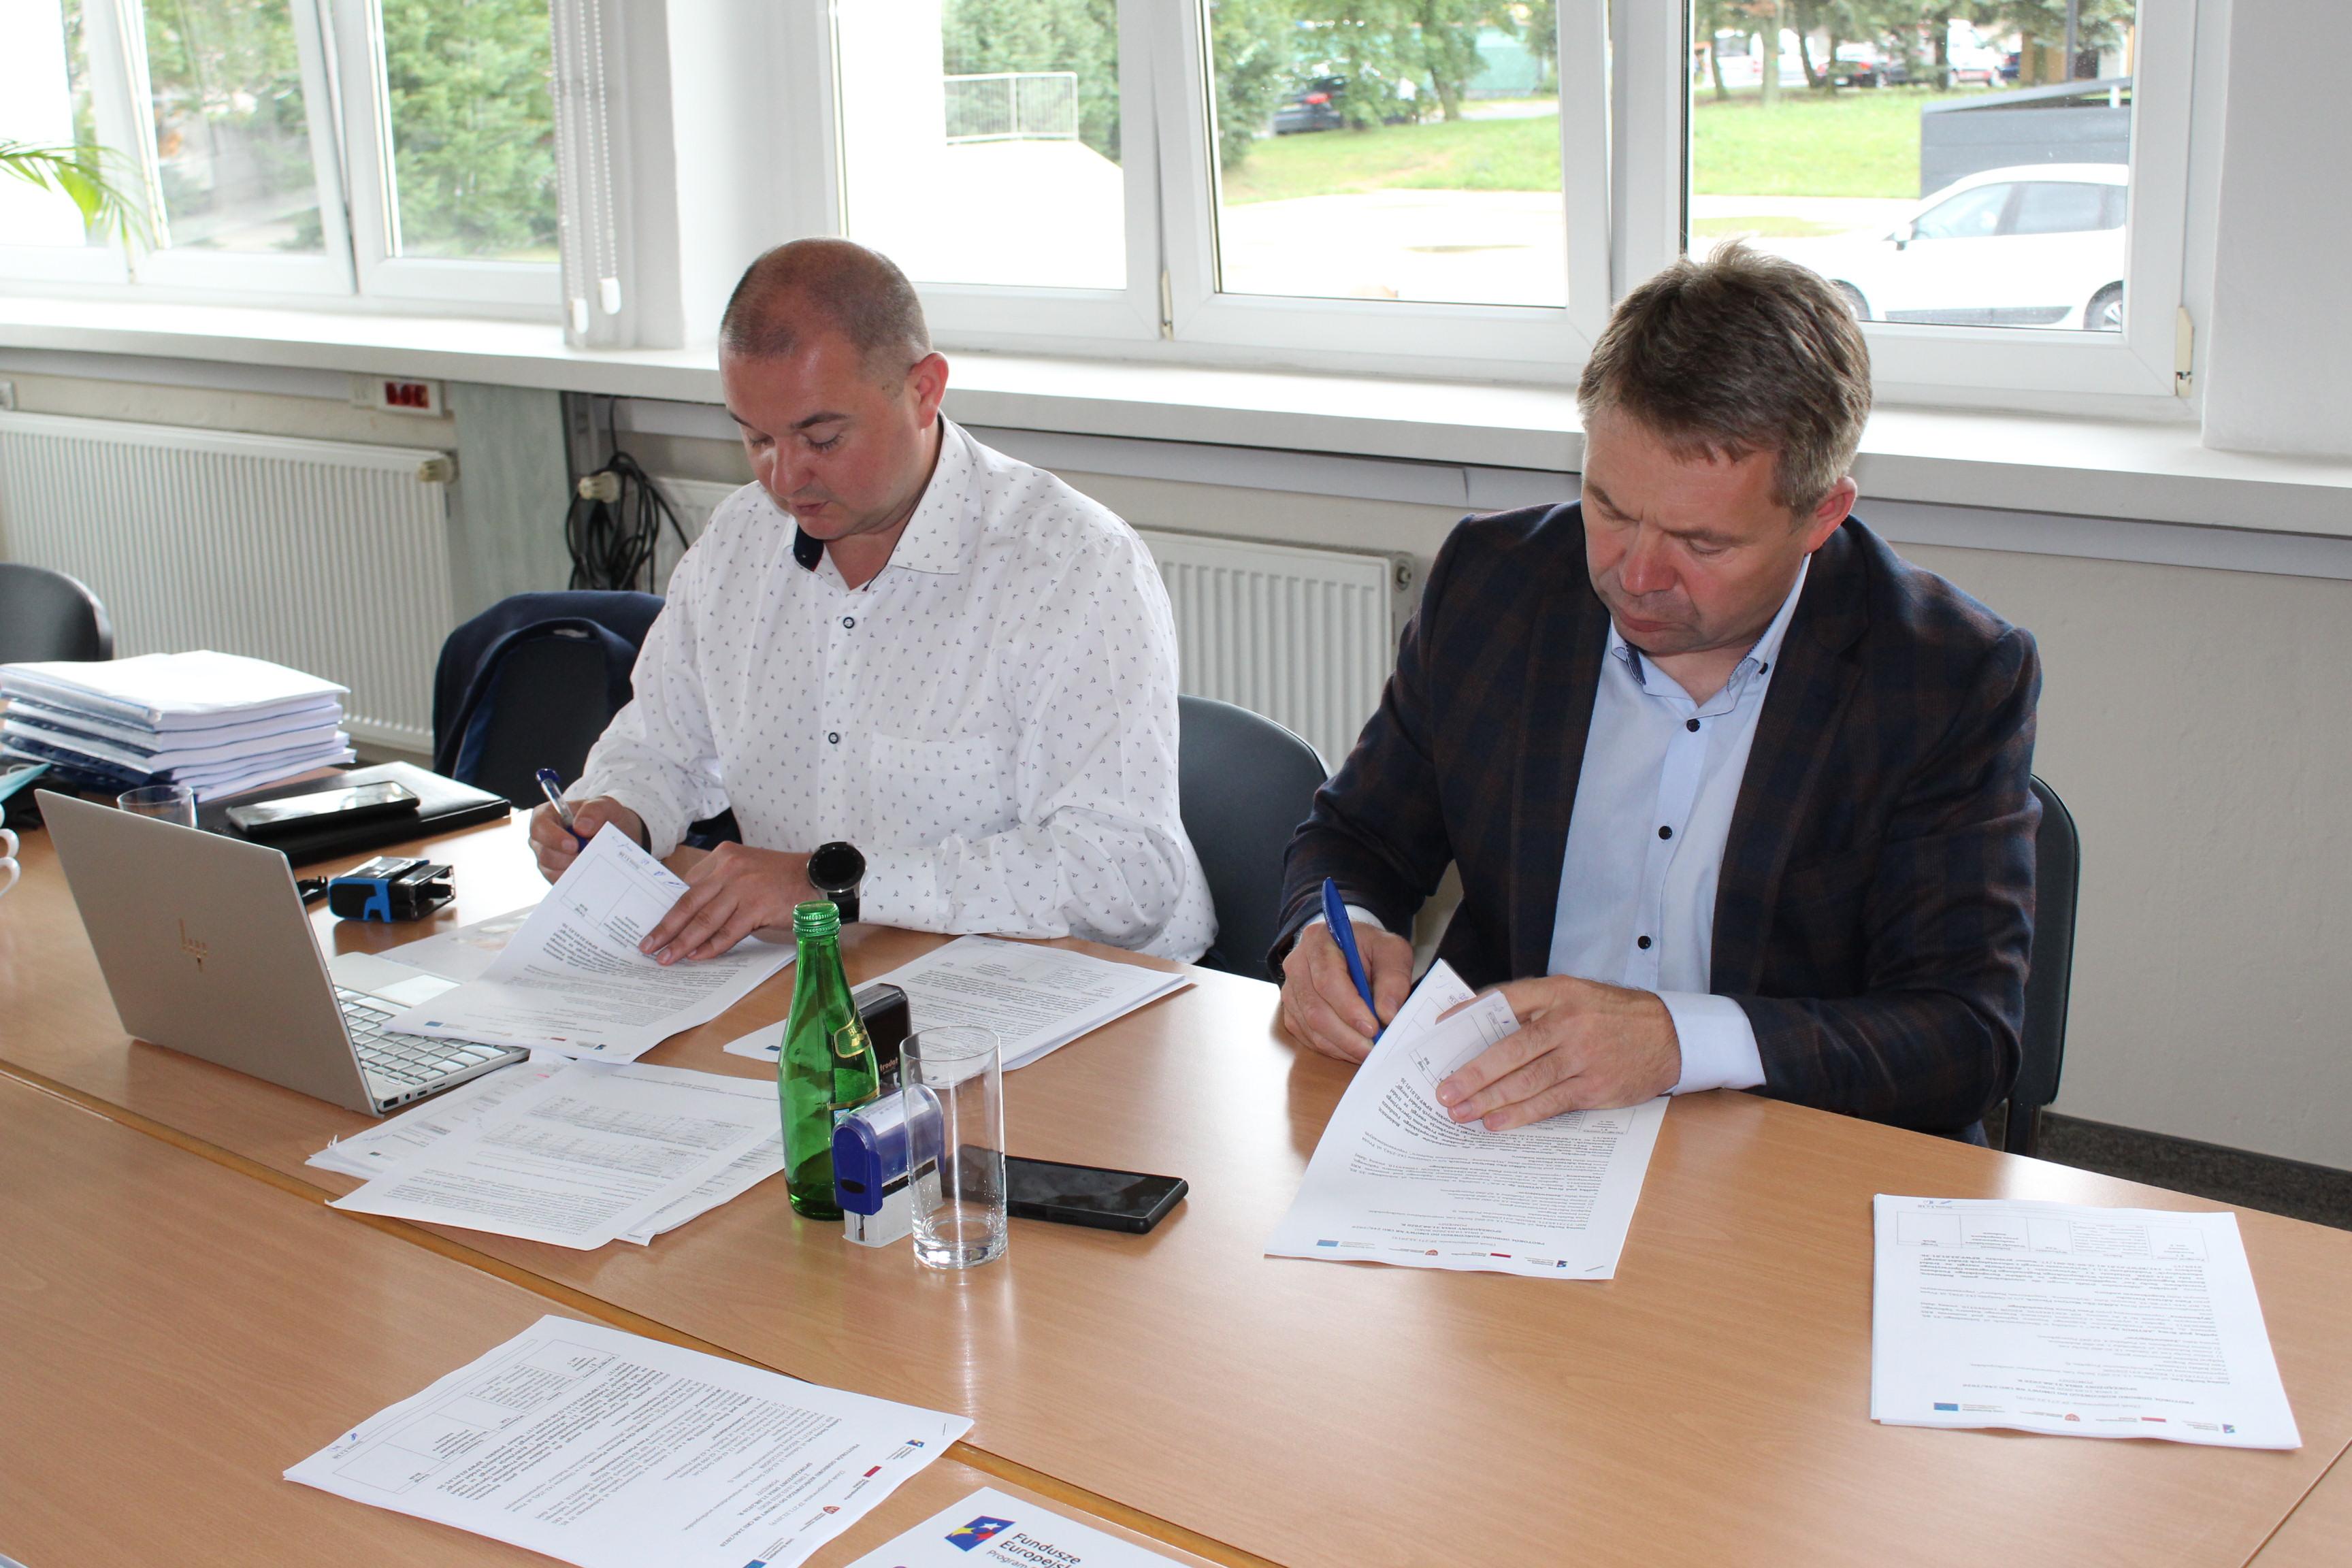 Na zdjęciu wykonawca oraz inspektor nadzoru podpisujący protokół końcowy projektu OZE.